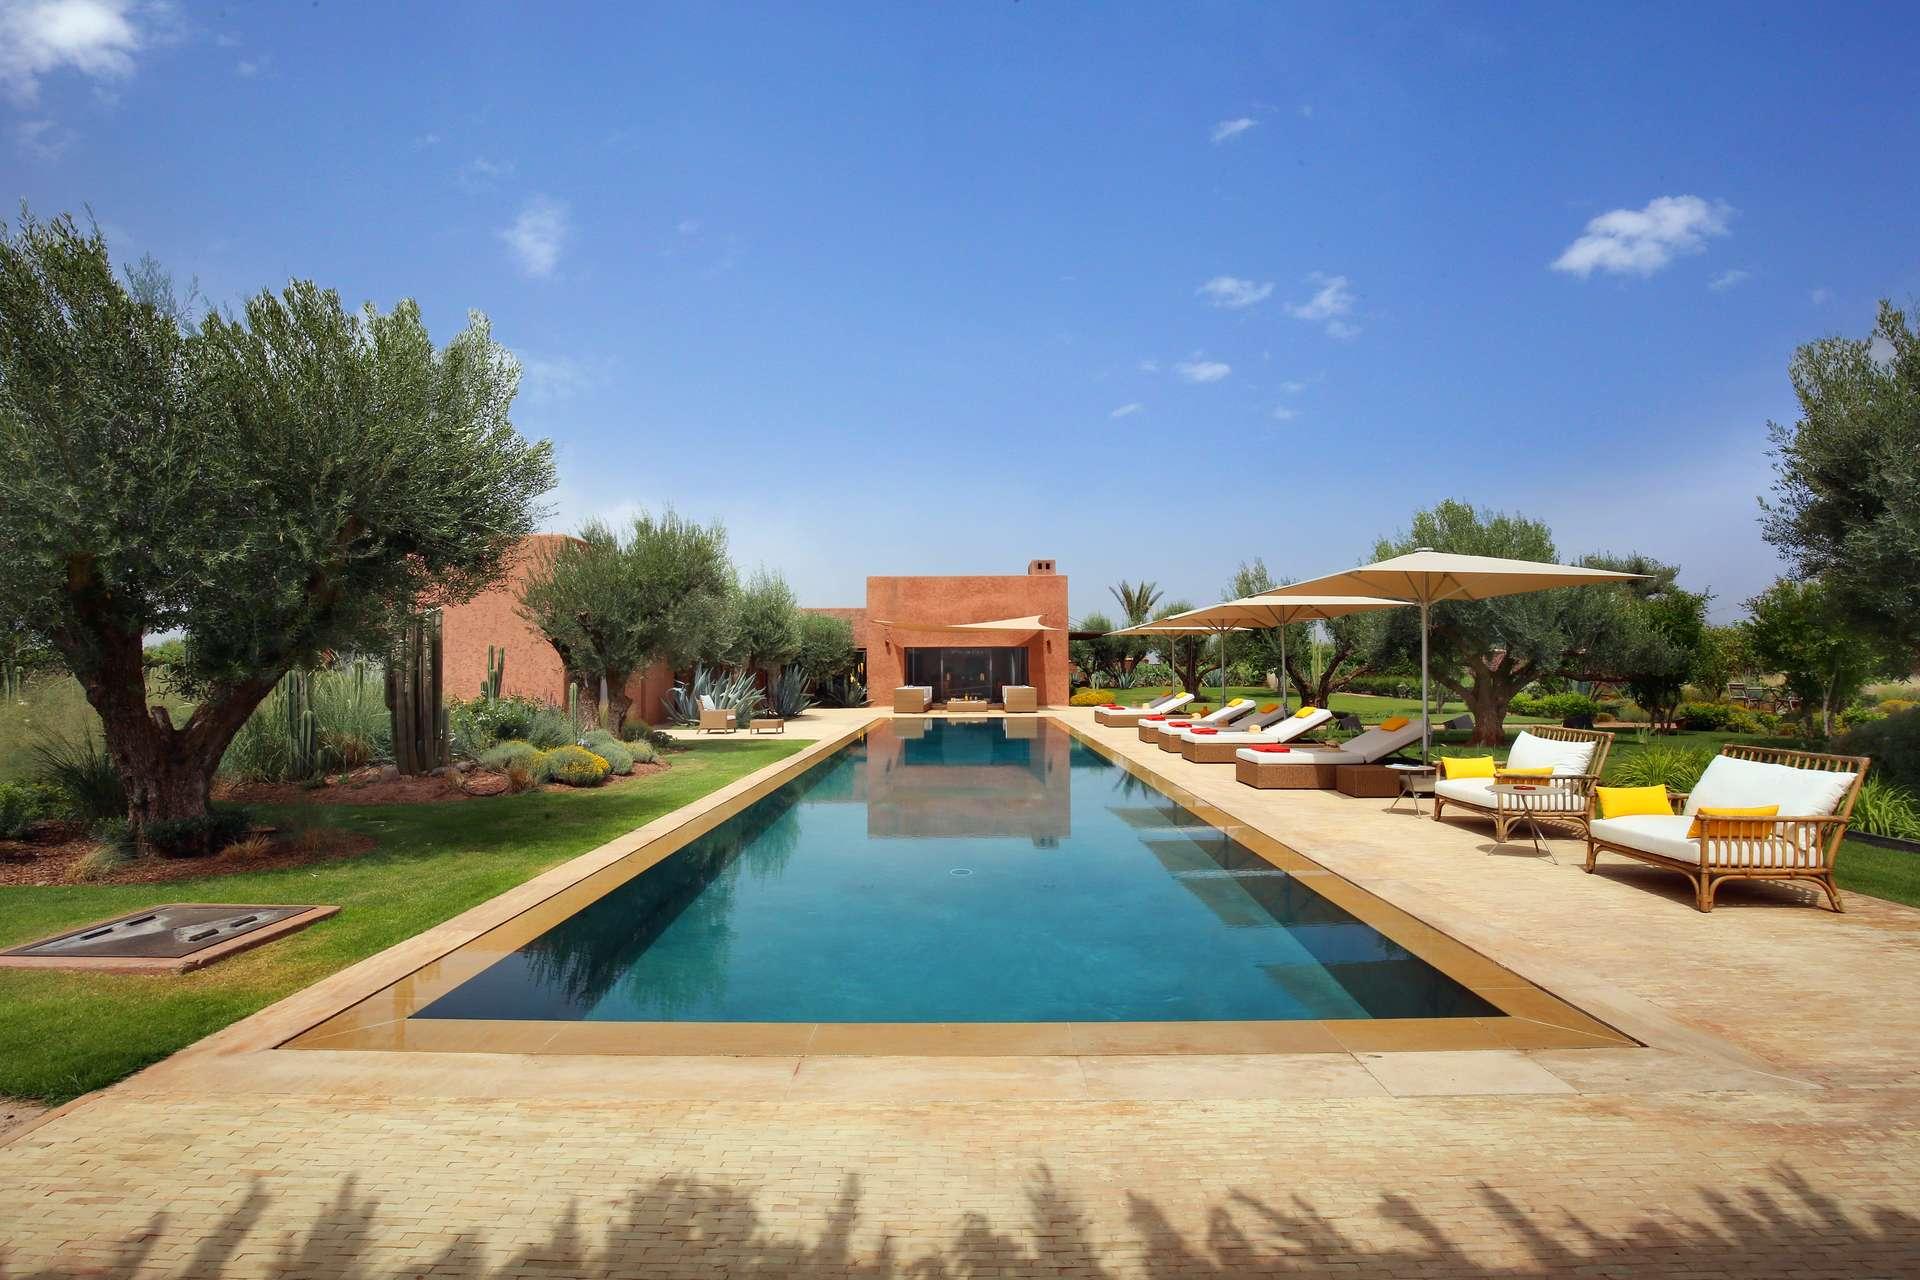 Luxury villa rentals africa - Morocco - Marrakesh - No location 4 - Villa Cactus - Image 1/18